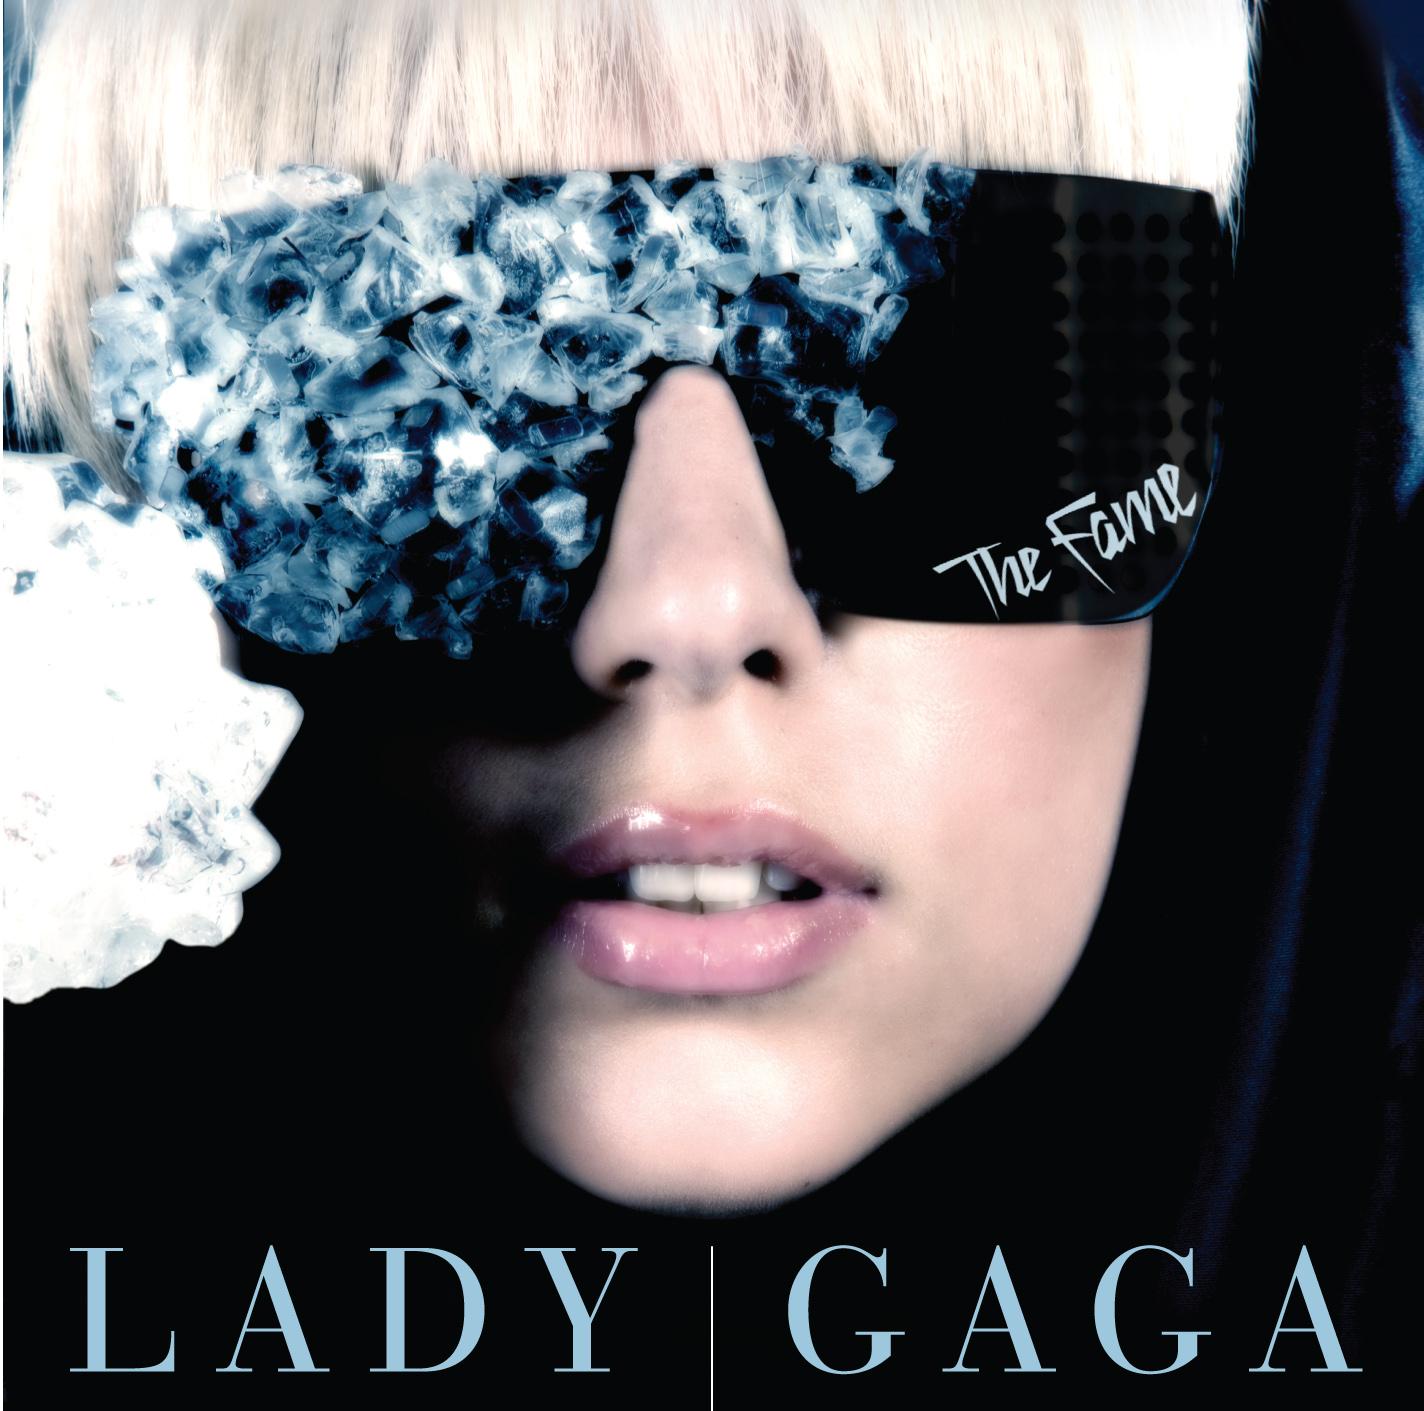 http://1.bp.blogspot.com/_NFiQVN5VKE8/TSF1QOQev2I/AAAAAAAAAA8/8SpVsoRt-Aw/s1600/lady-gaga-the-fame.jpg